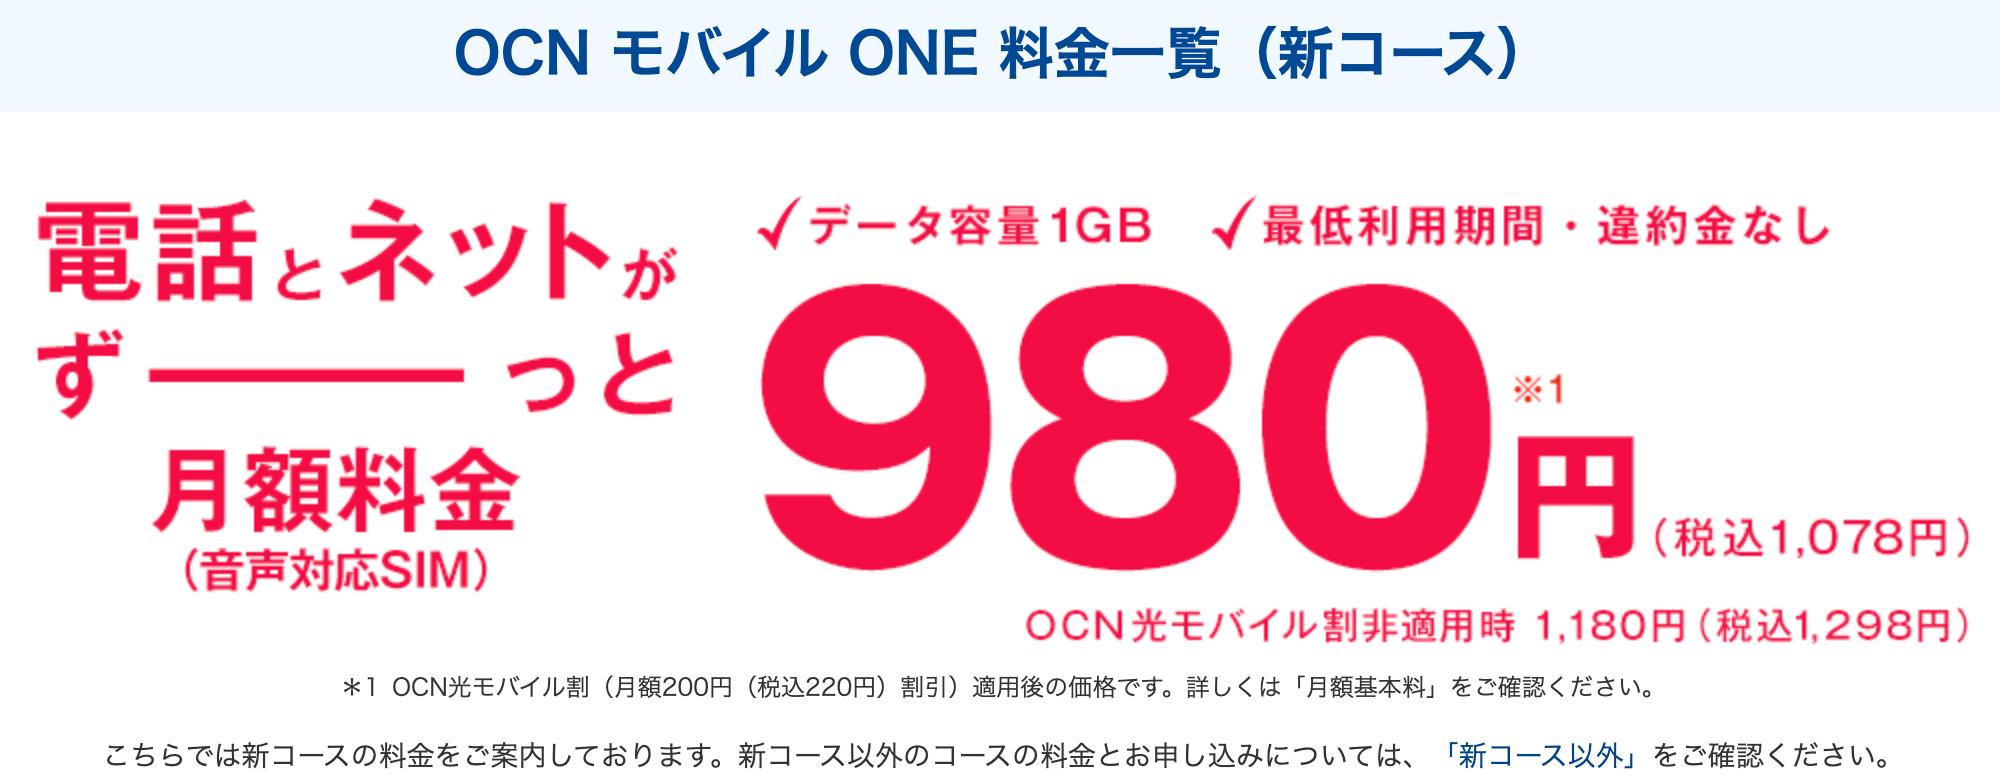 OCNモバイルONE(オーシーエヌモバイルワン)のプランで初心者におすすめの1GB、月額980円のプラン。